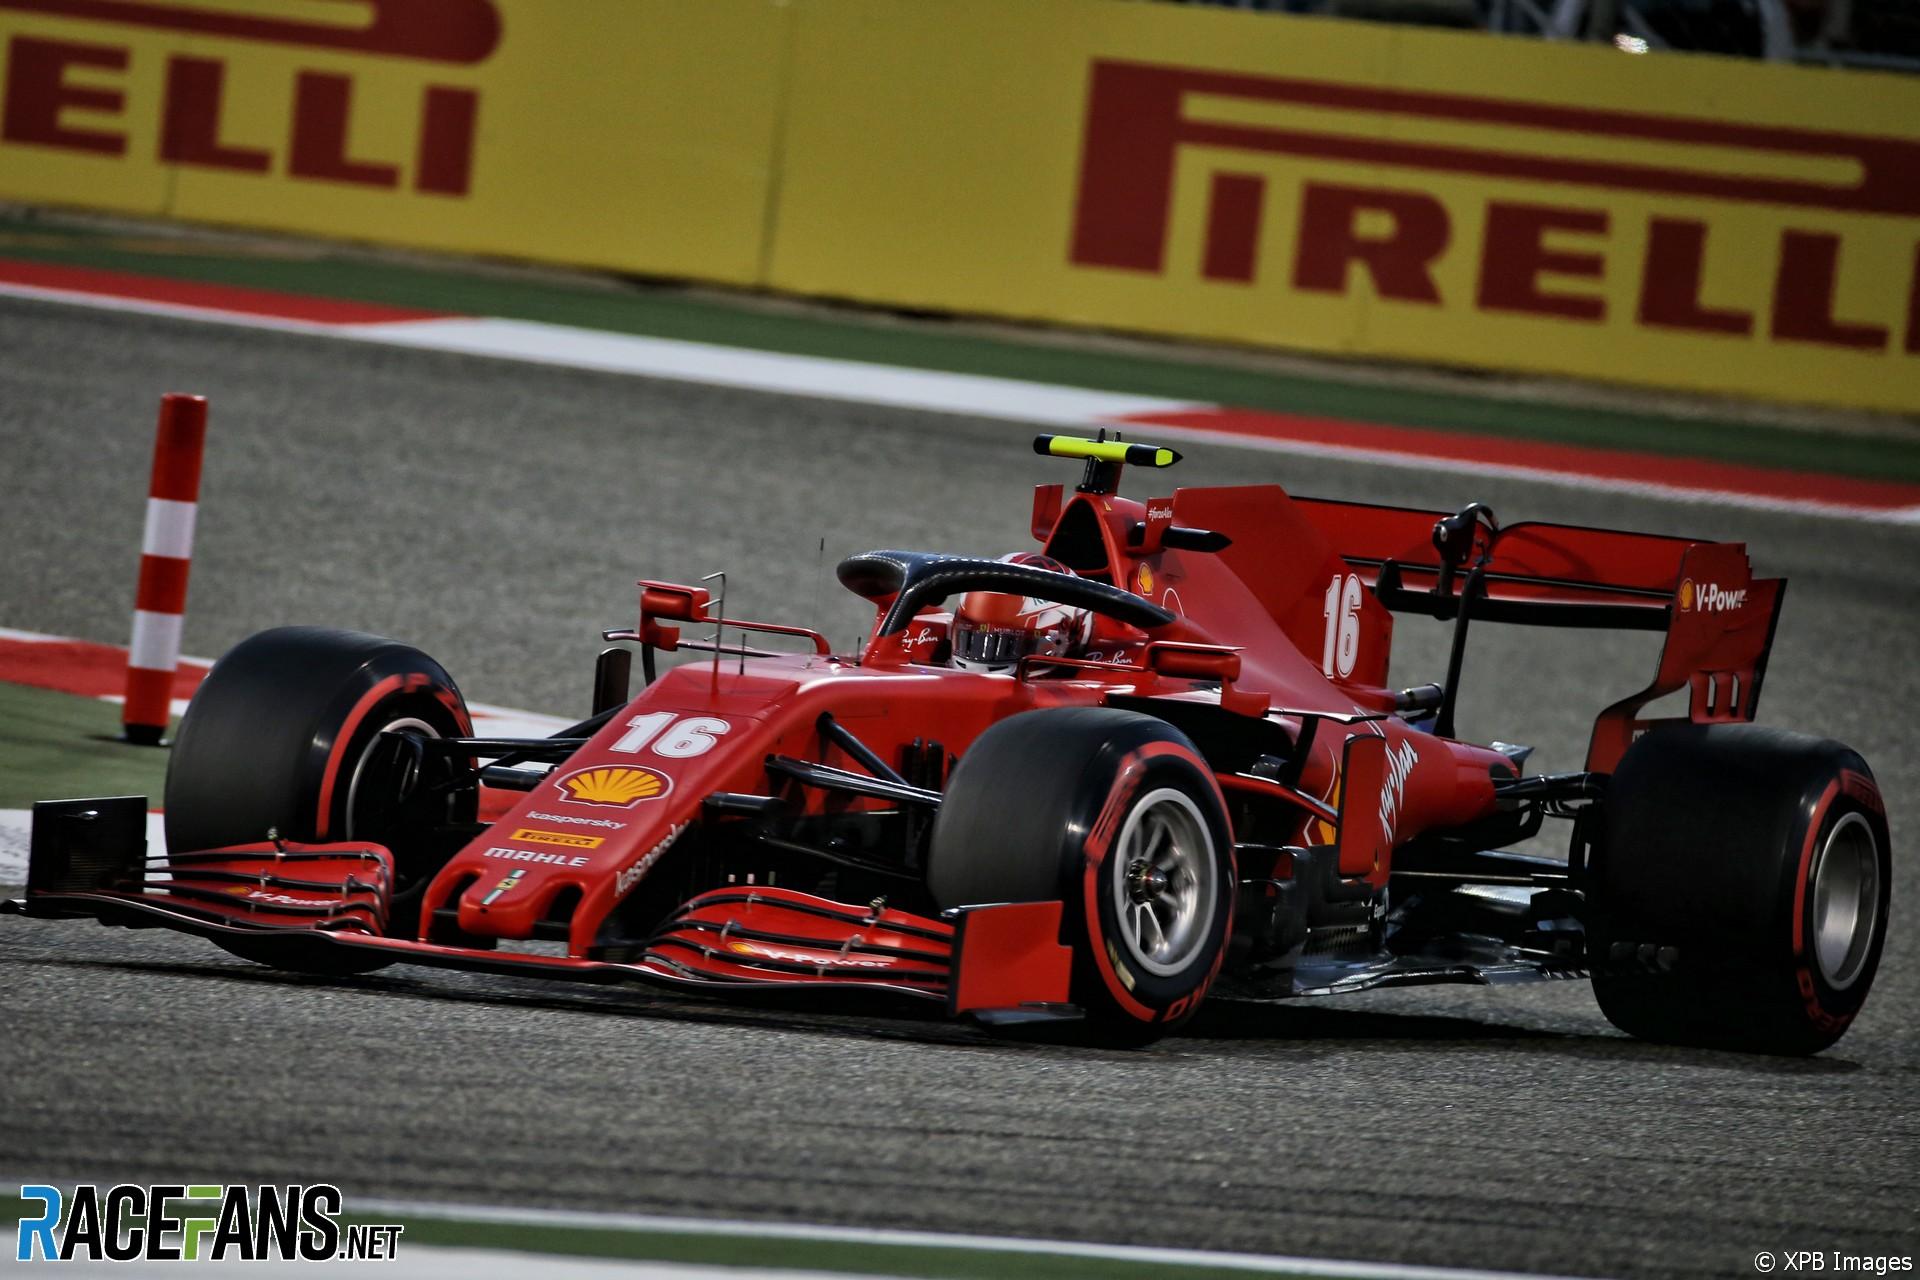 Charles Leclerc, Ferrari, Bahrain International Circuit, 2020